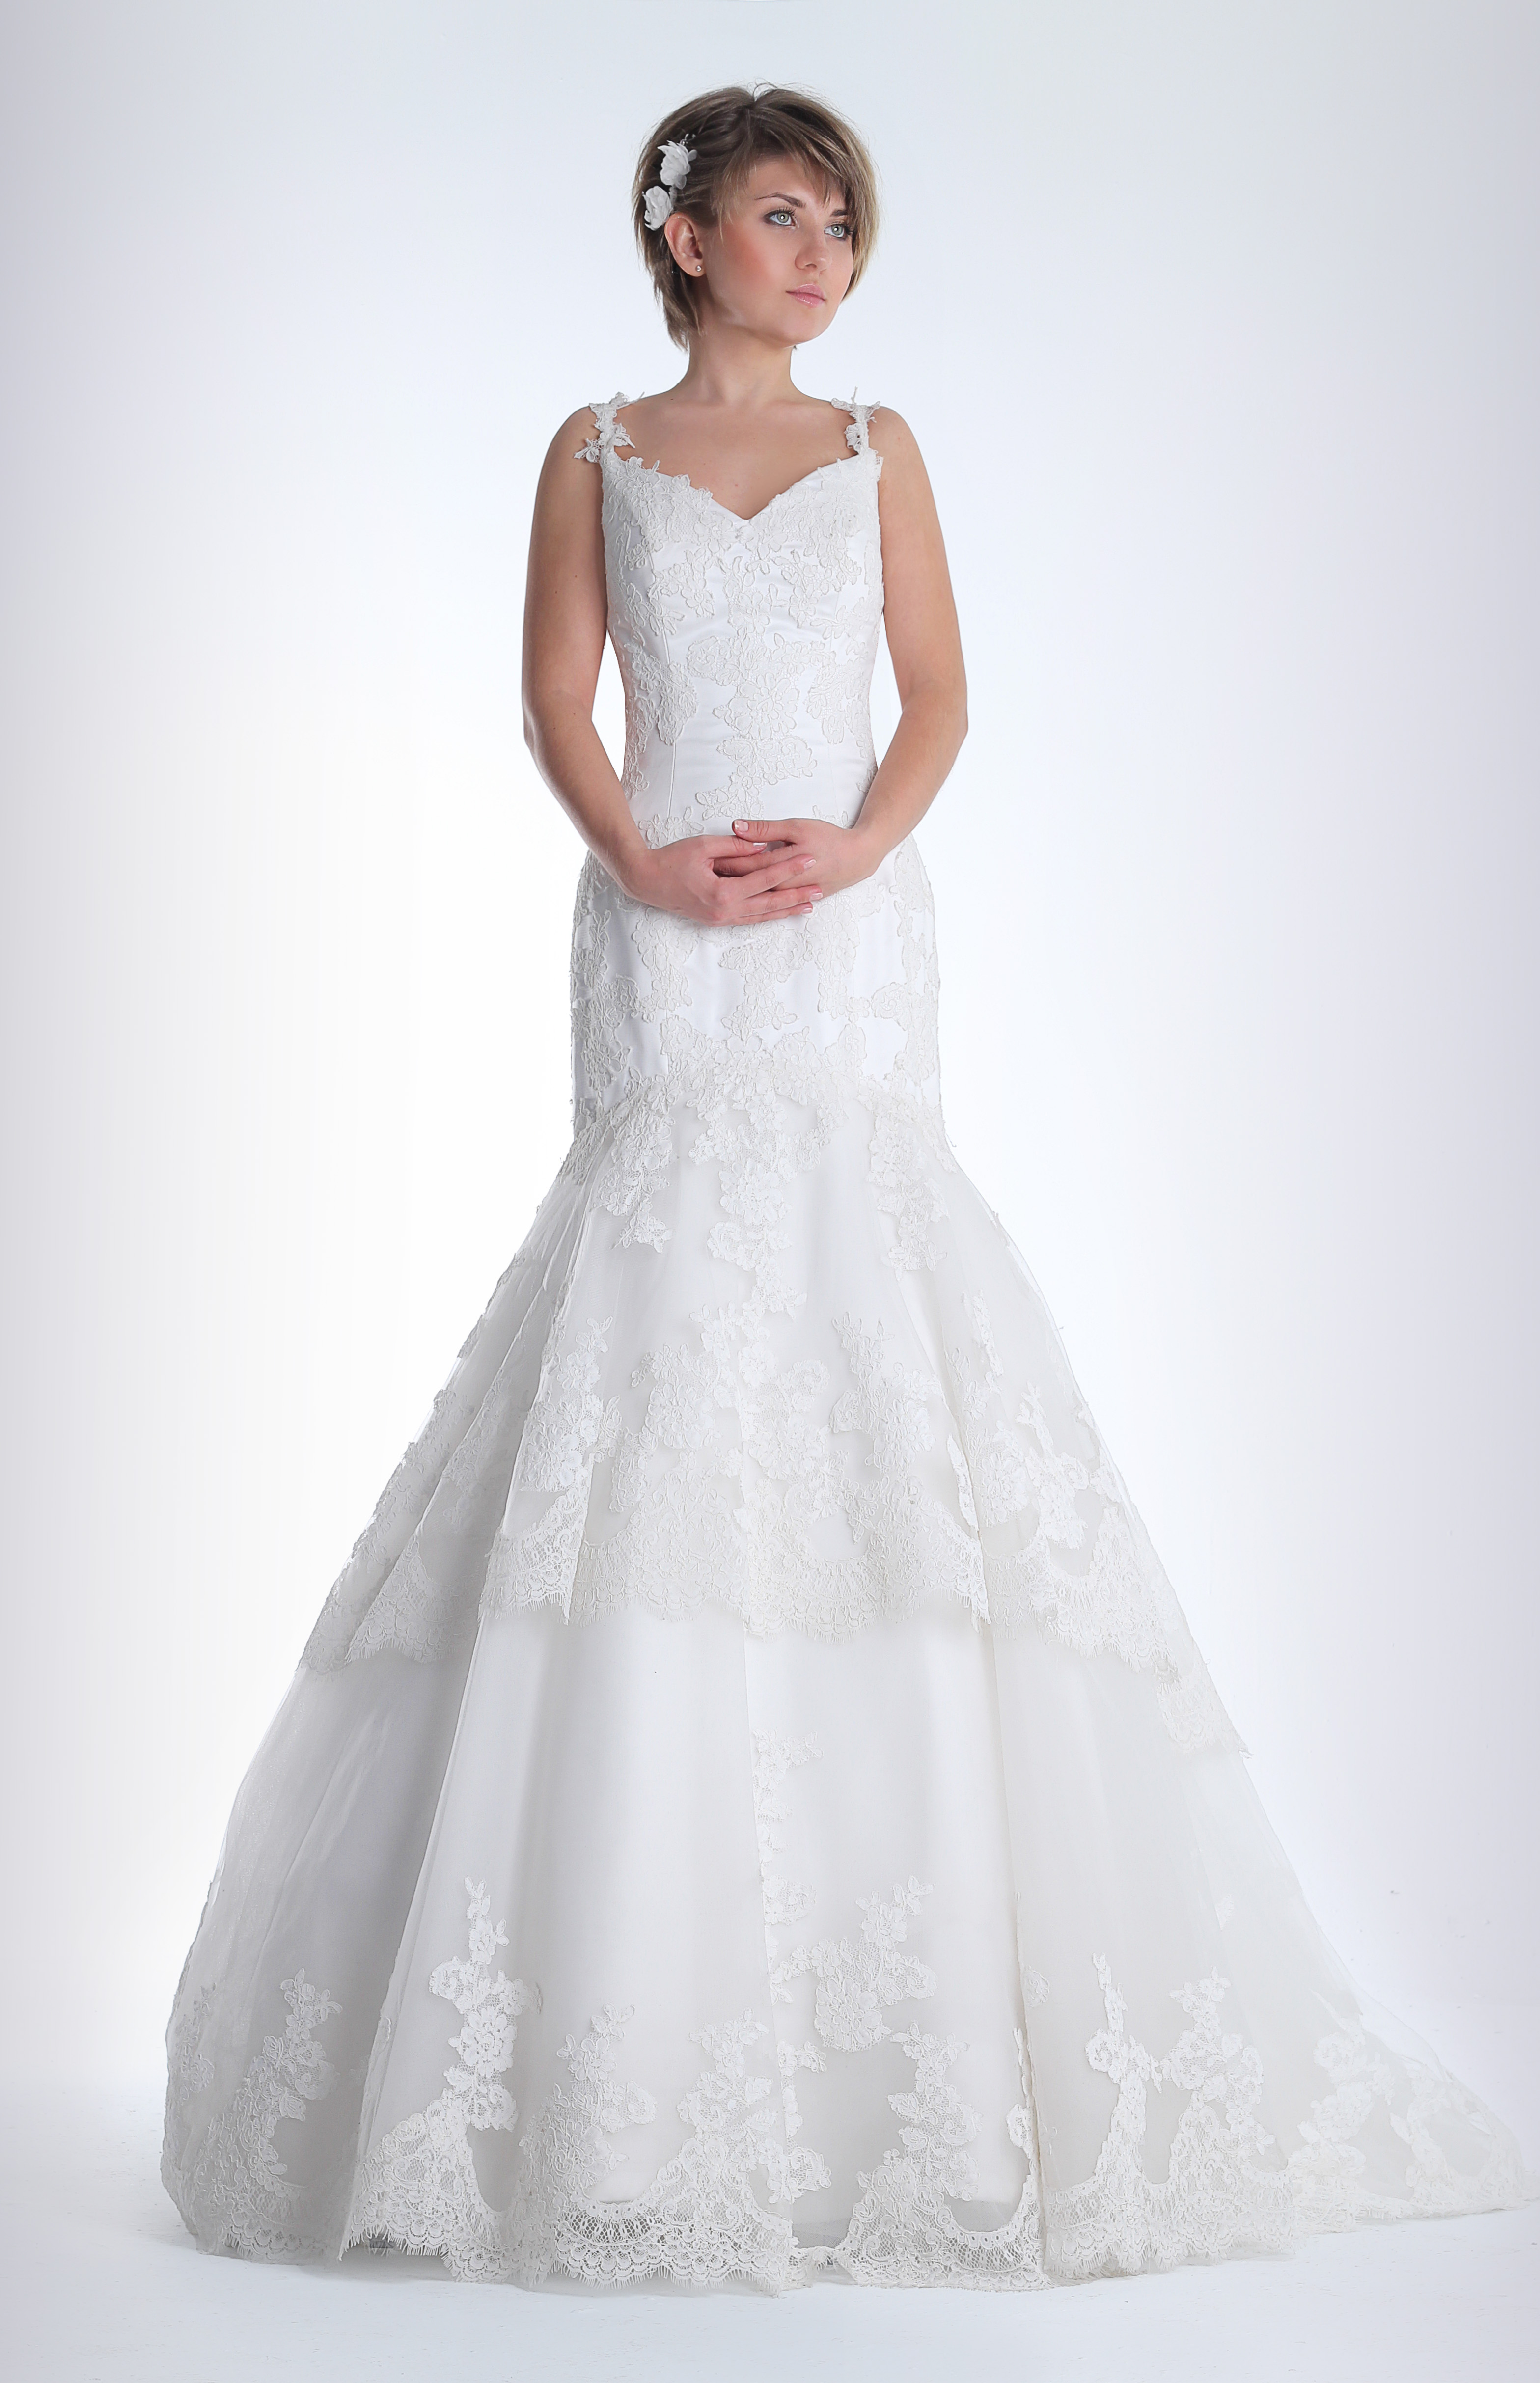 74b7758de Vestido de novia en renta o alquiler de Innovias modelo Carla puedes  consultar más imágenes de este vestido aquí